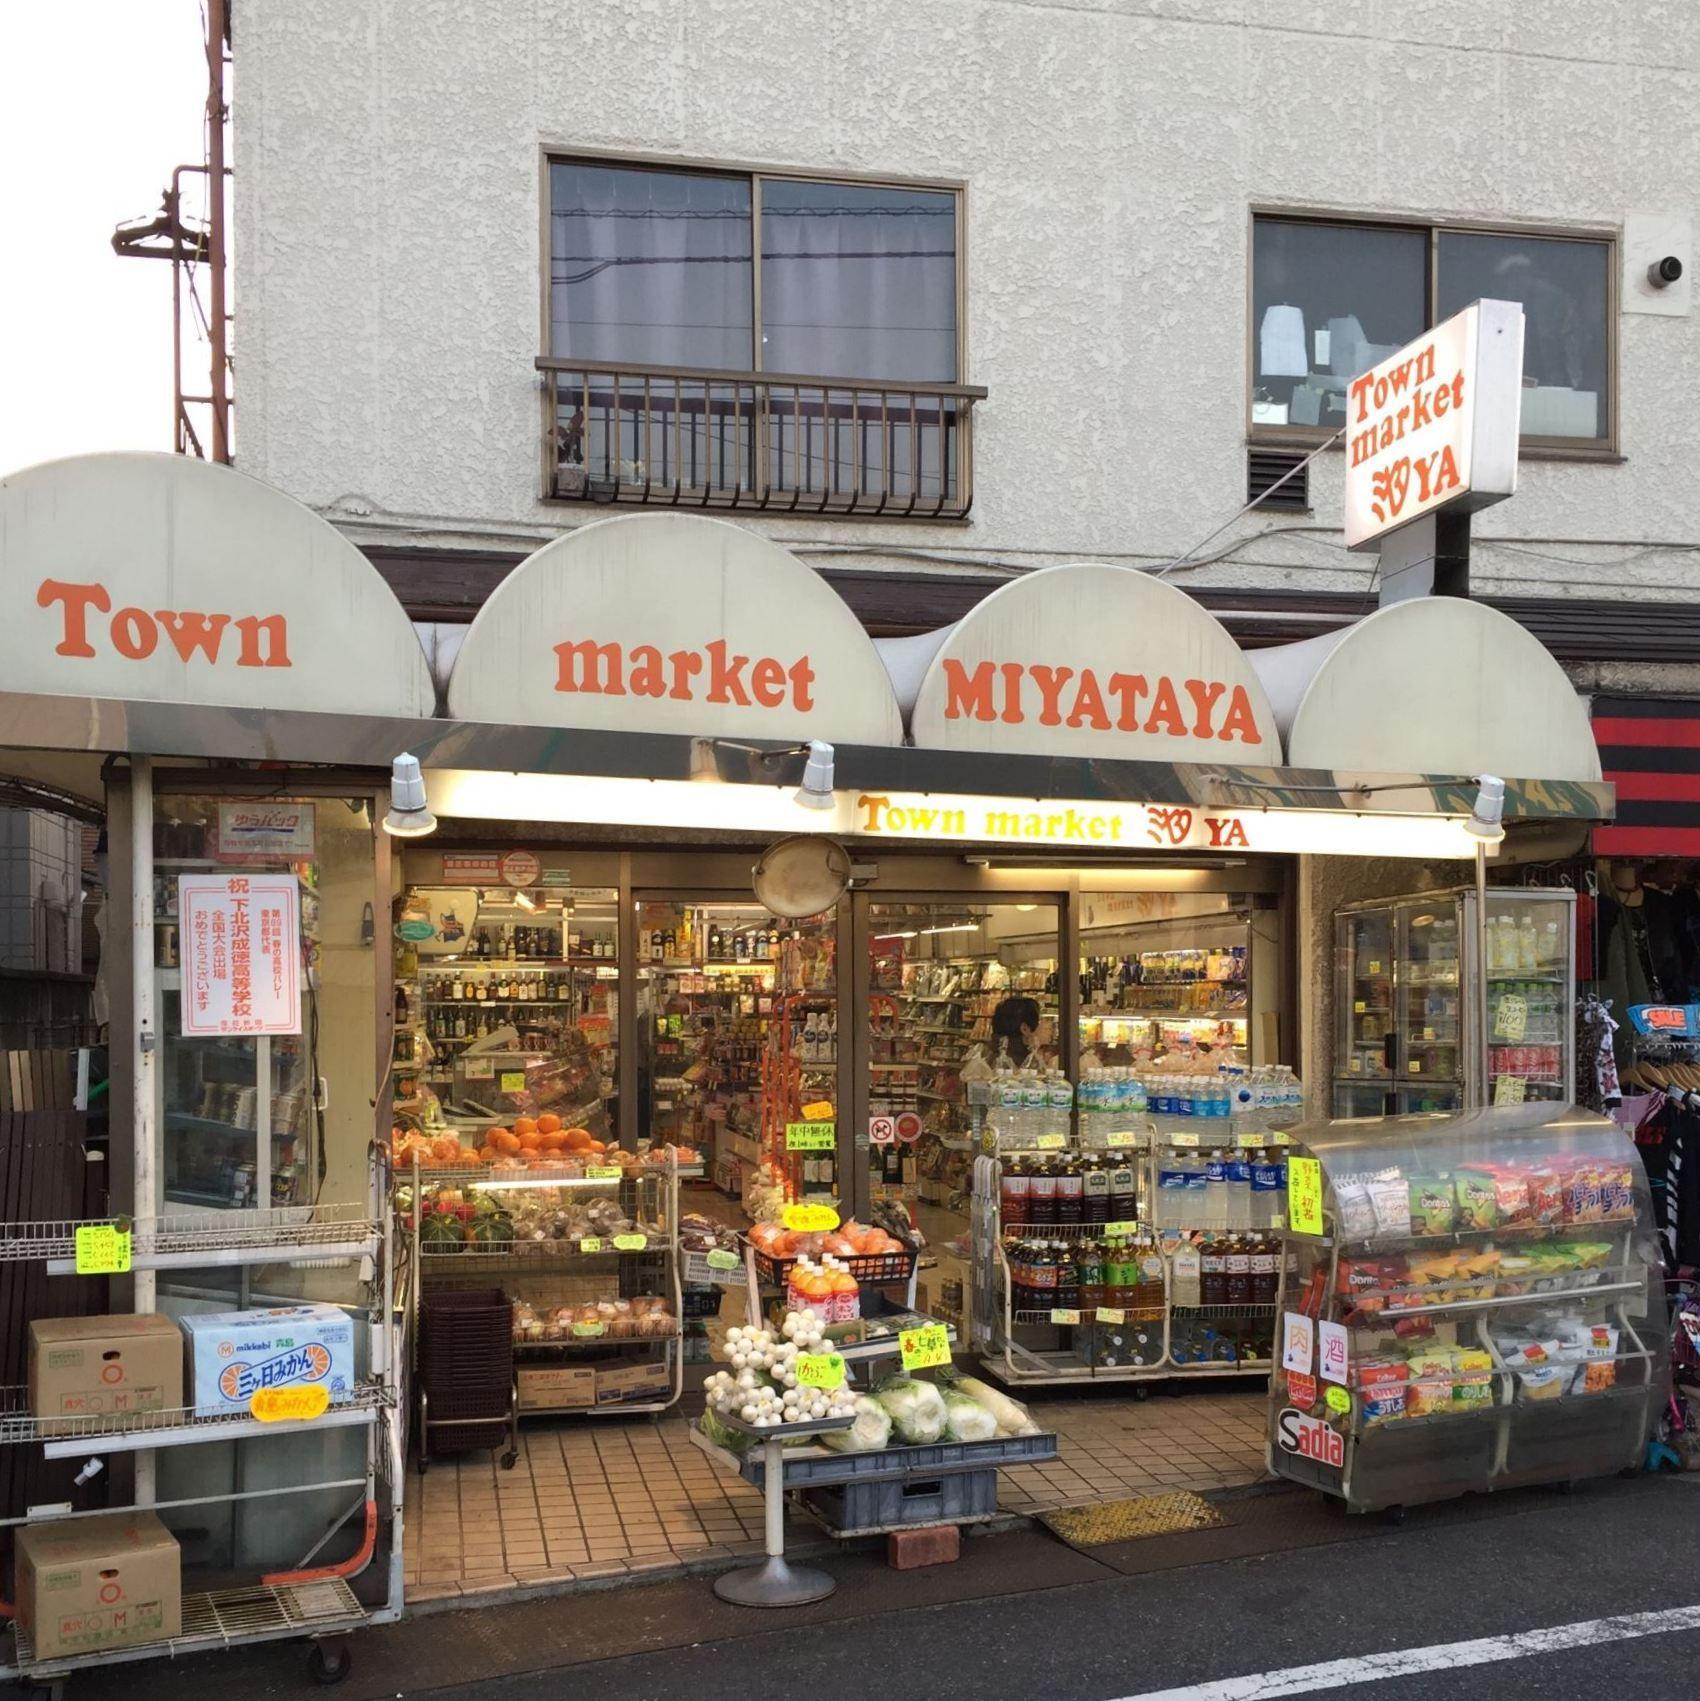 肉が美味しい タウンマーケット ミヤタヤ 【下北沢】